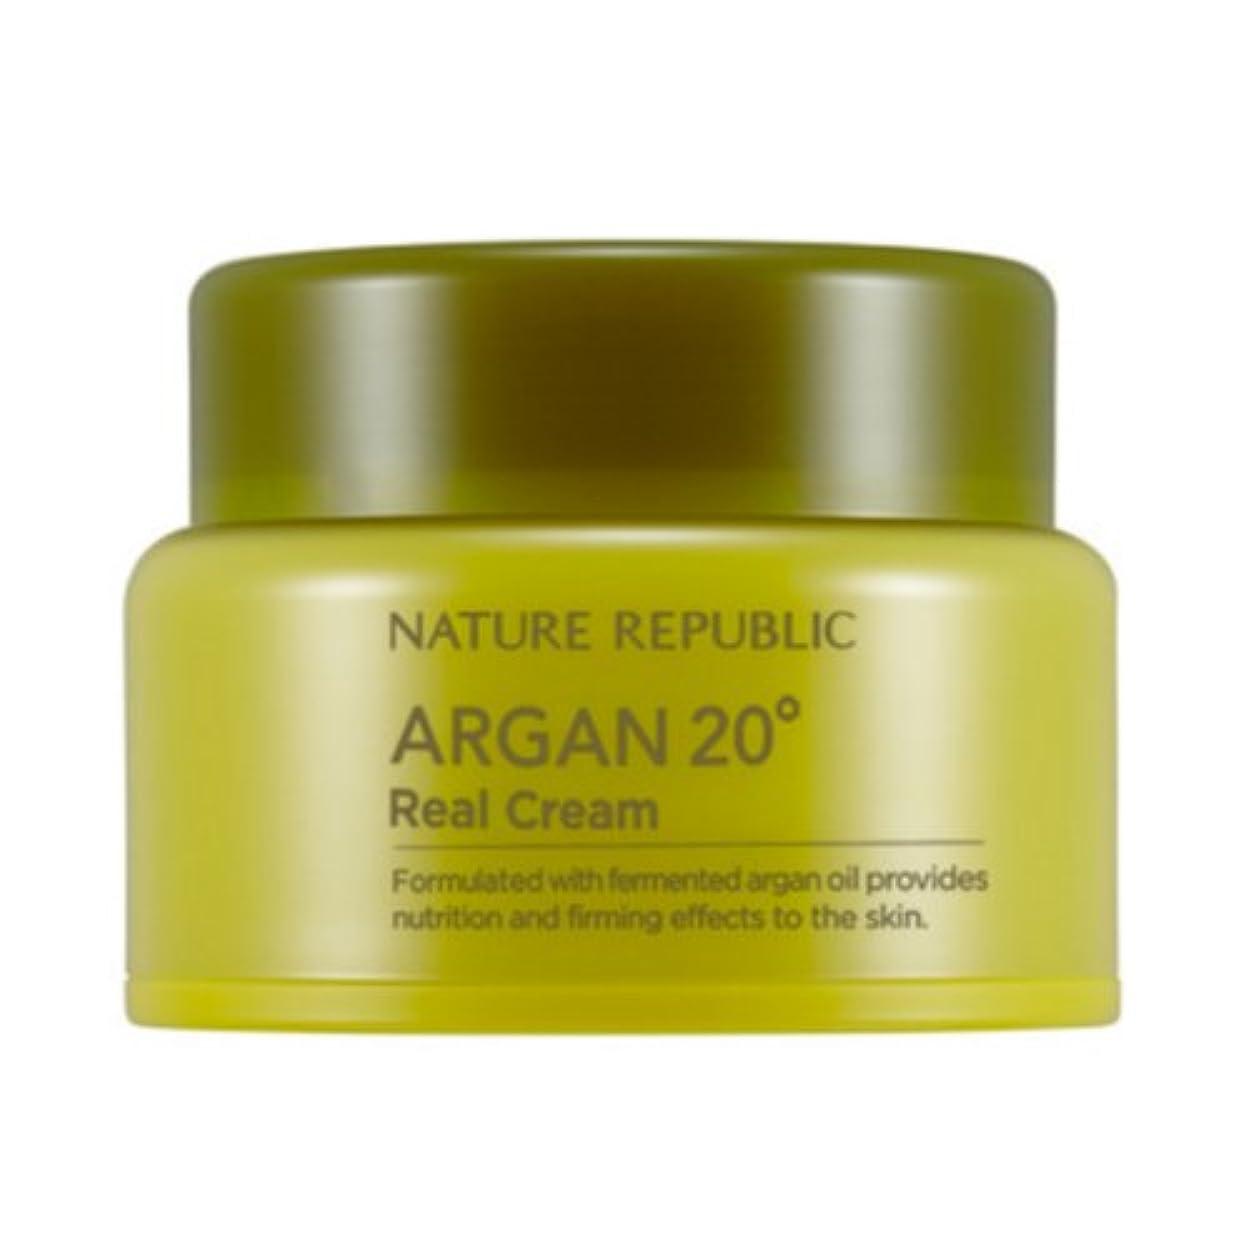 占める繁栄余剰[ネイチャーリパブリック] Nature republicアルガン20ºリアルクリーム海外直送品(Argan20ºReal Cream) [並行輸入品]